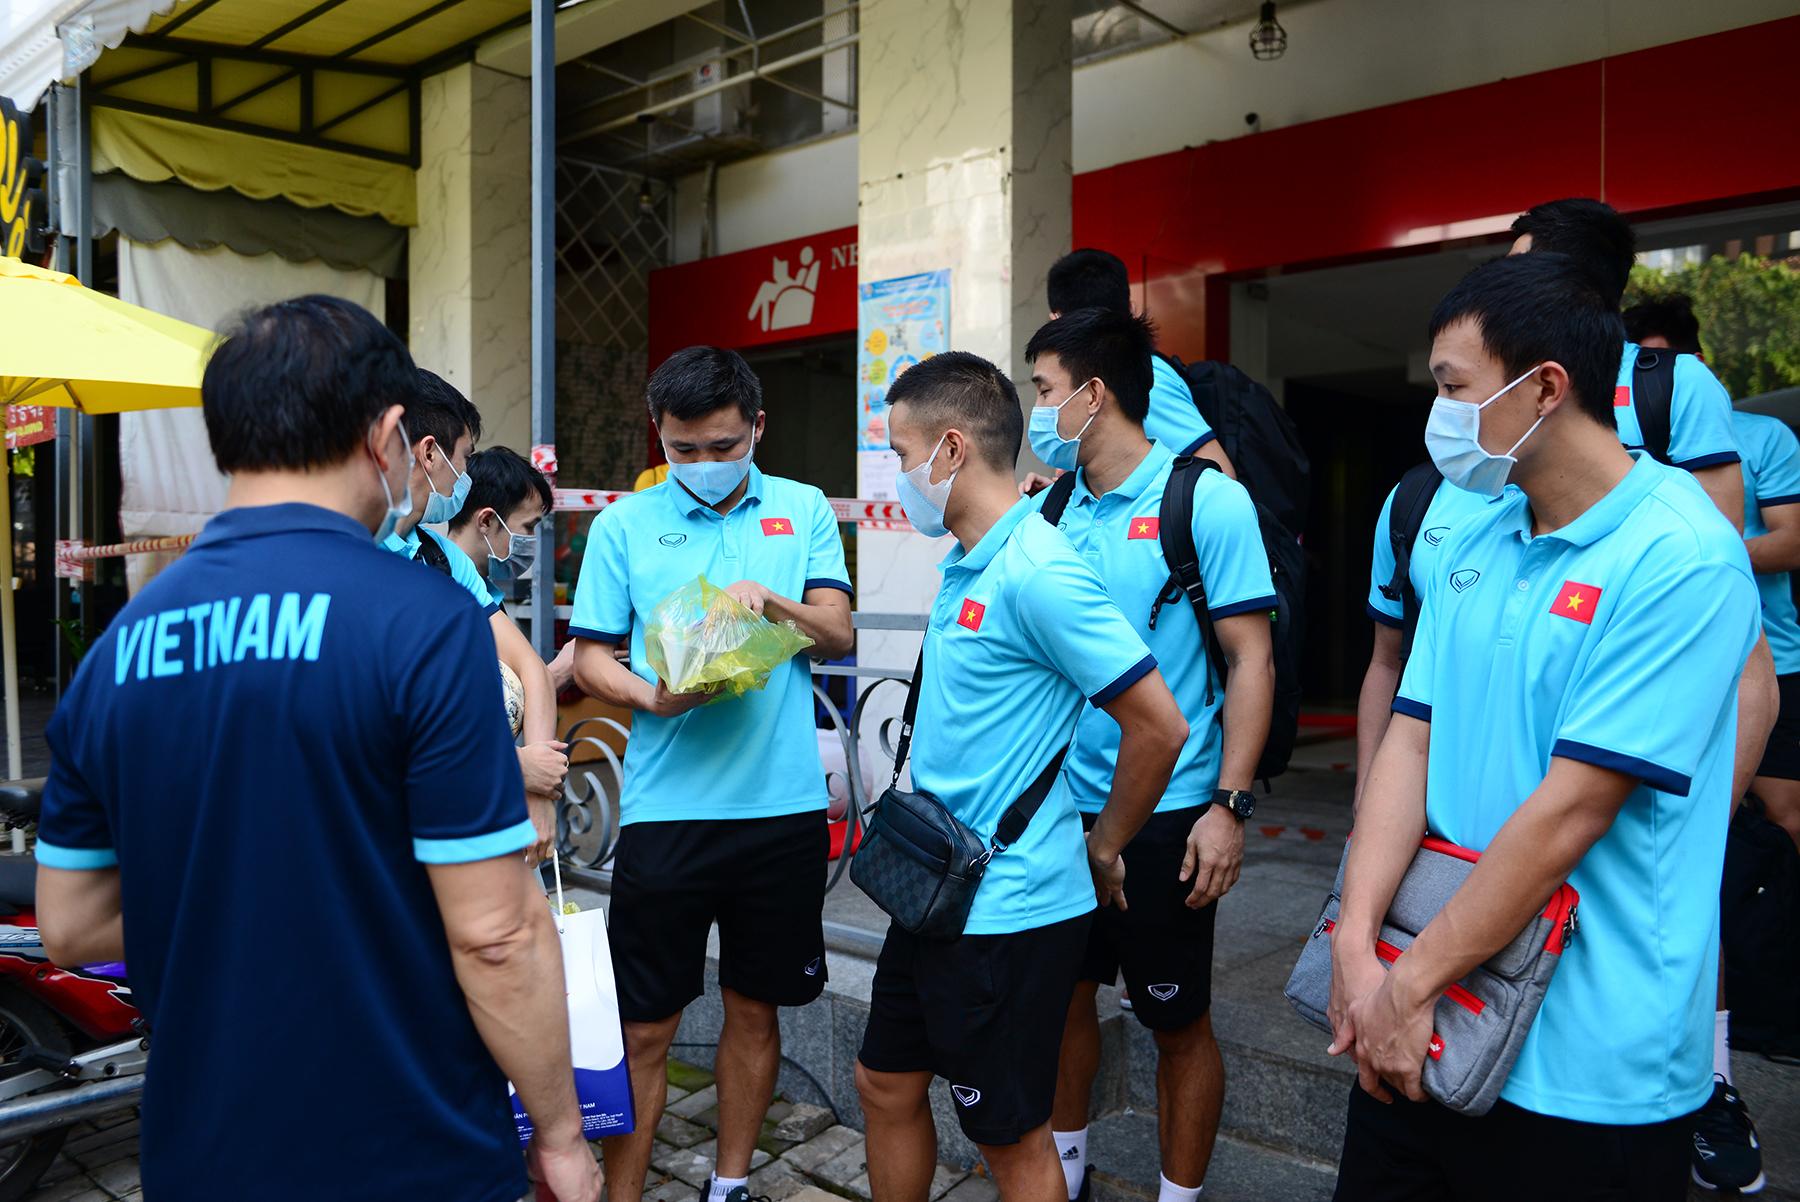 Khử khuẩn tại khu vực khách sạn nơi đội tuyển Việt Nam cách ly ở TP.HCM - 11